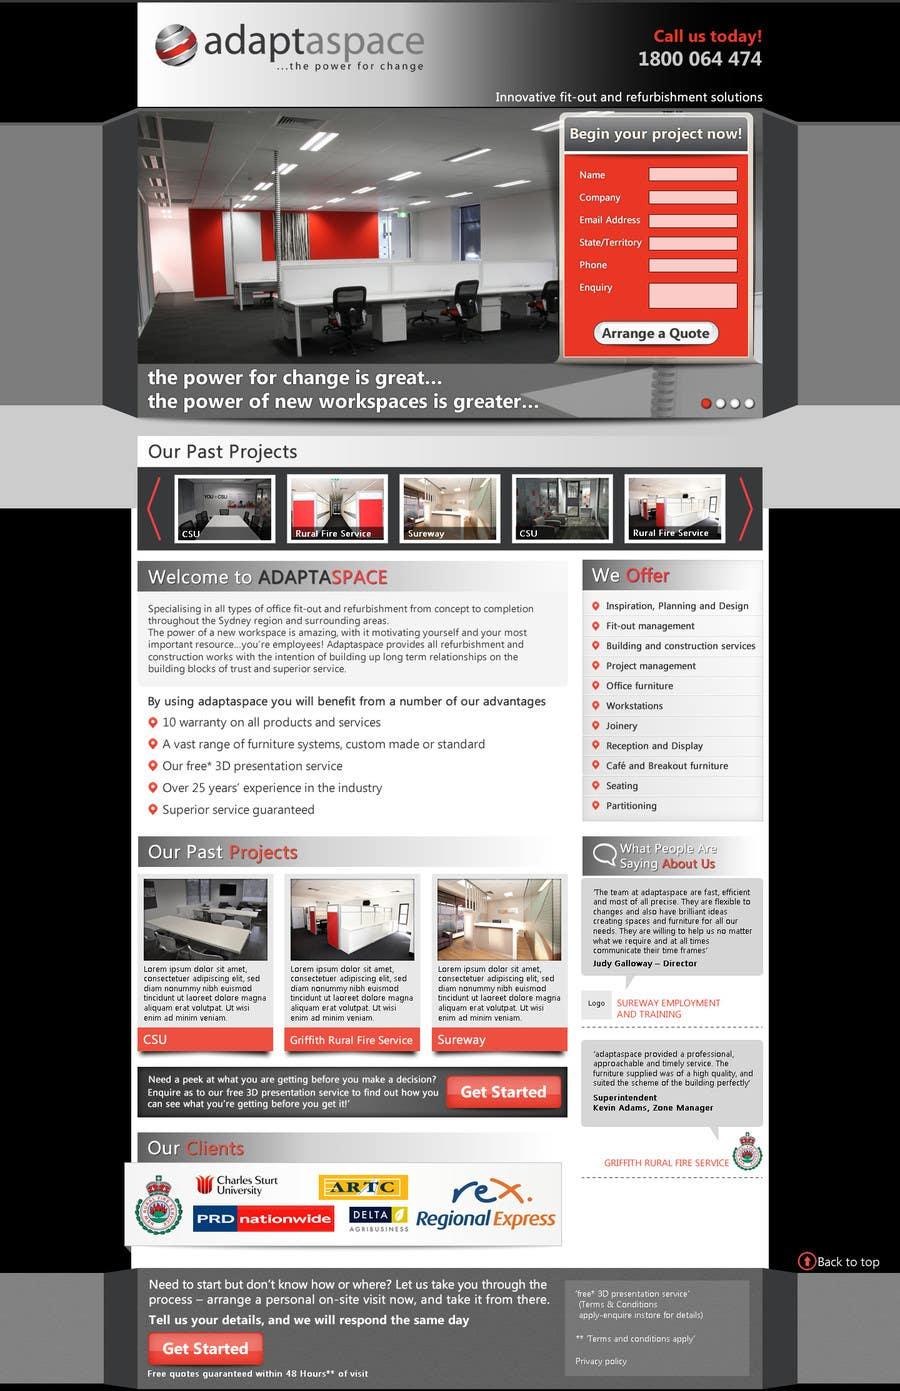 Konkurrenceindlæg #                                        13                                      for                                         Graphic Design for Landing Page